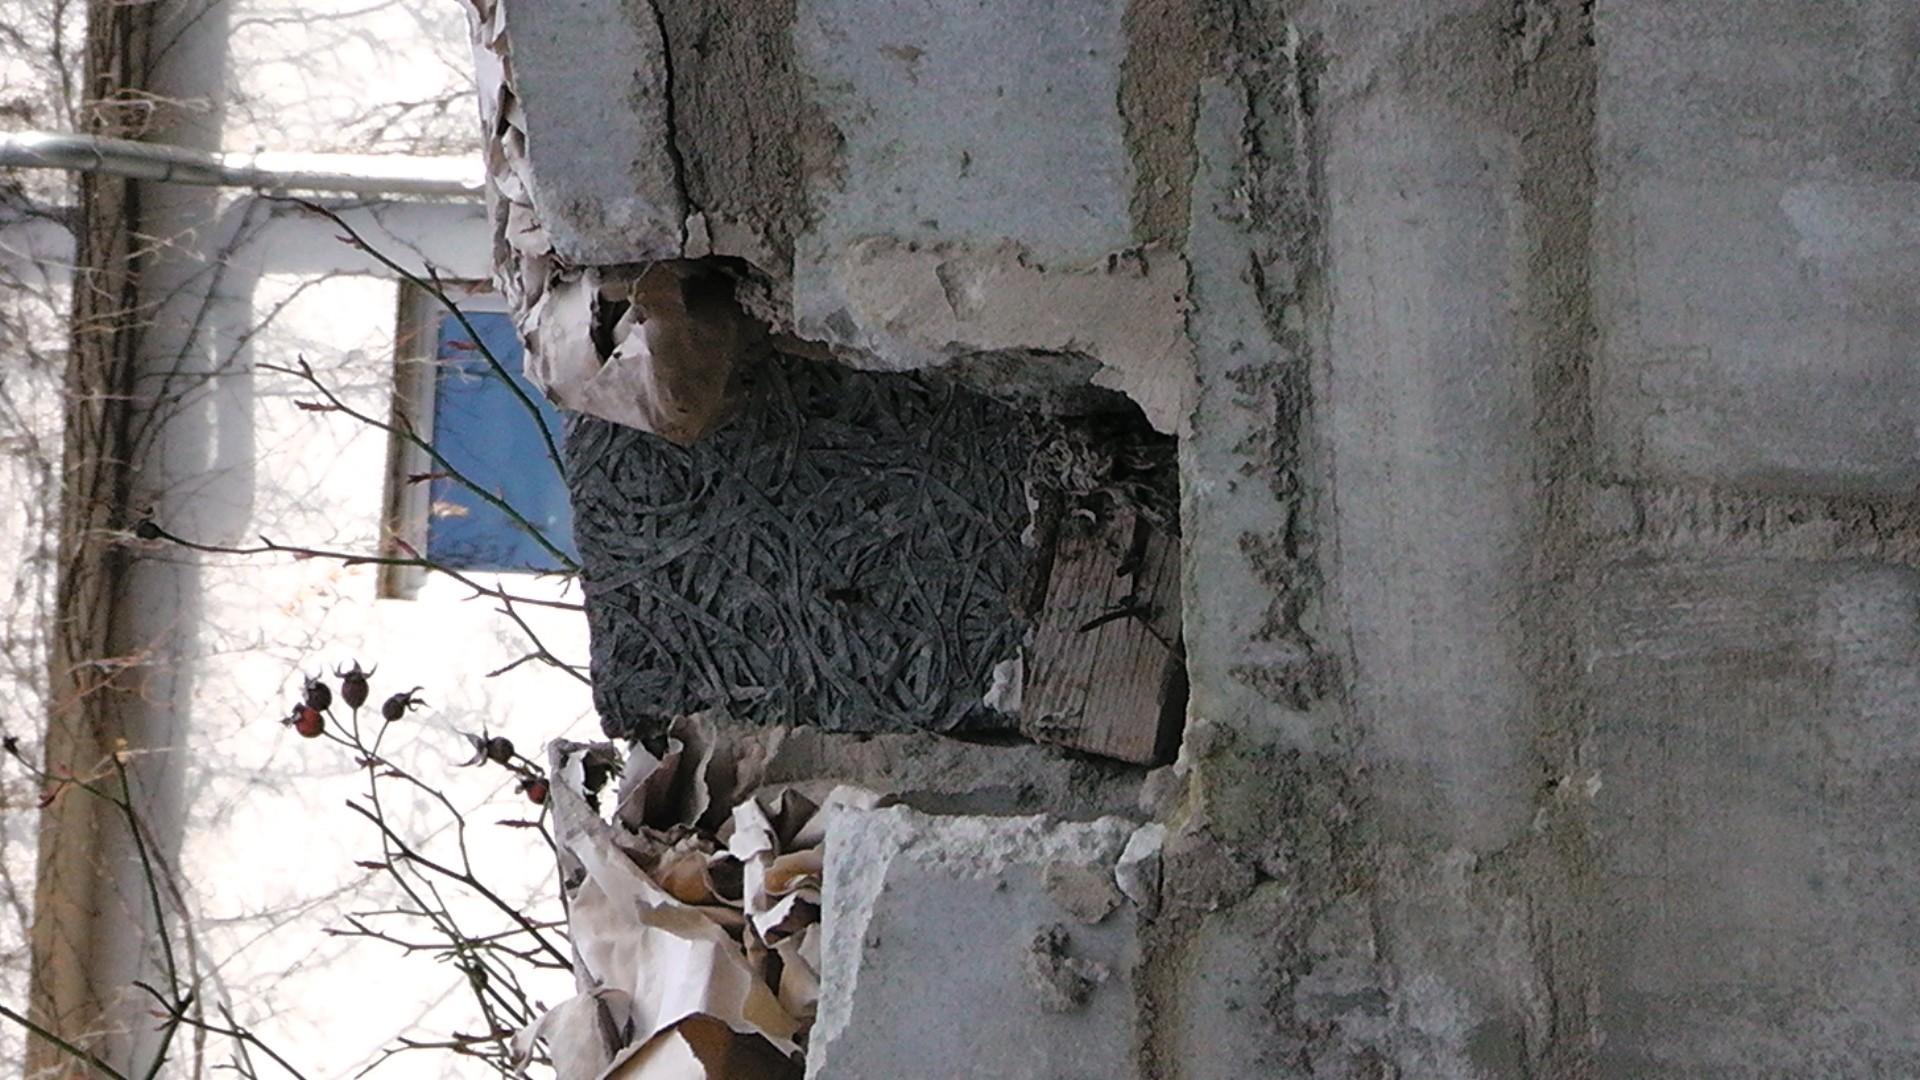 Turbo Asbest oder nicht? Experten gefragt - Baustoffe beim Hausbau IY88